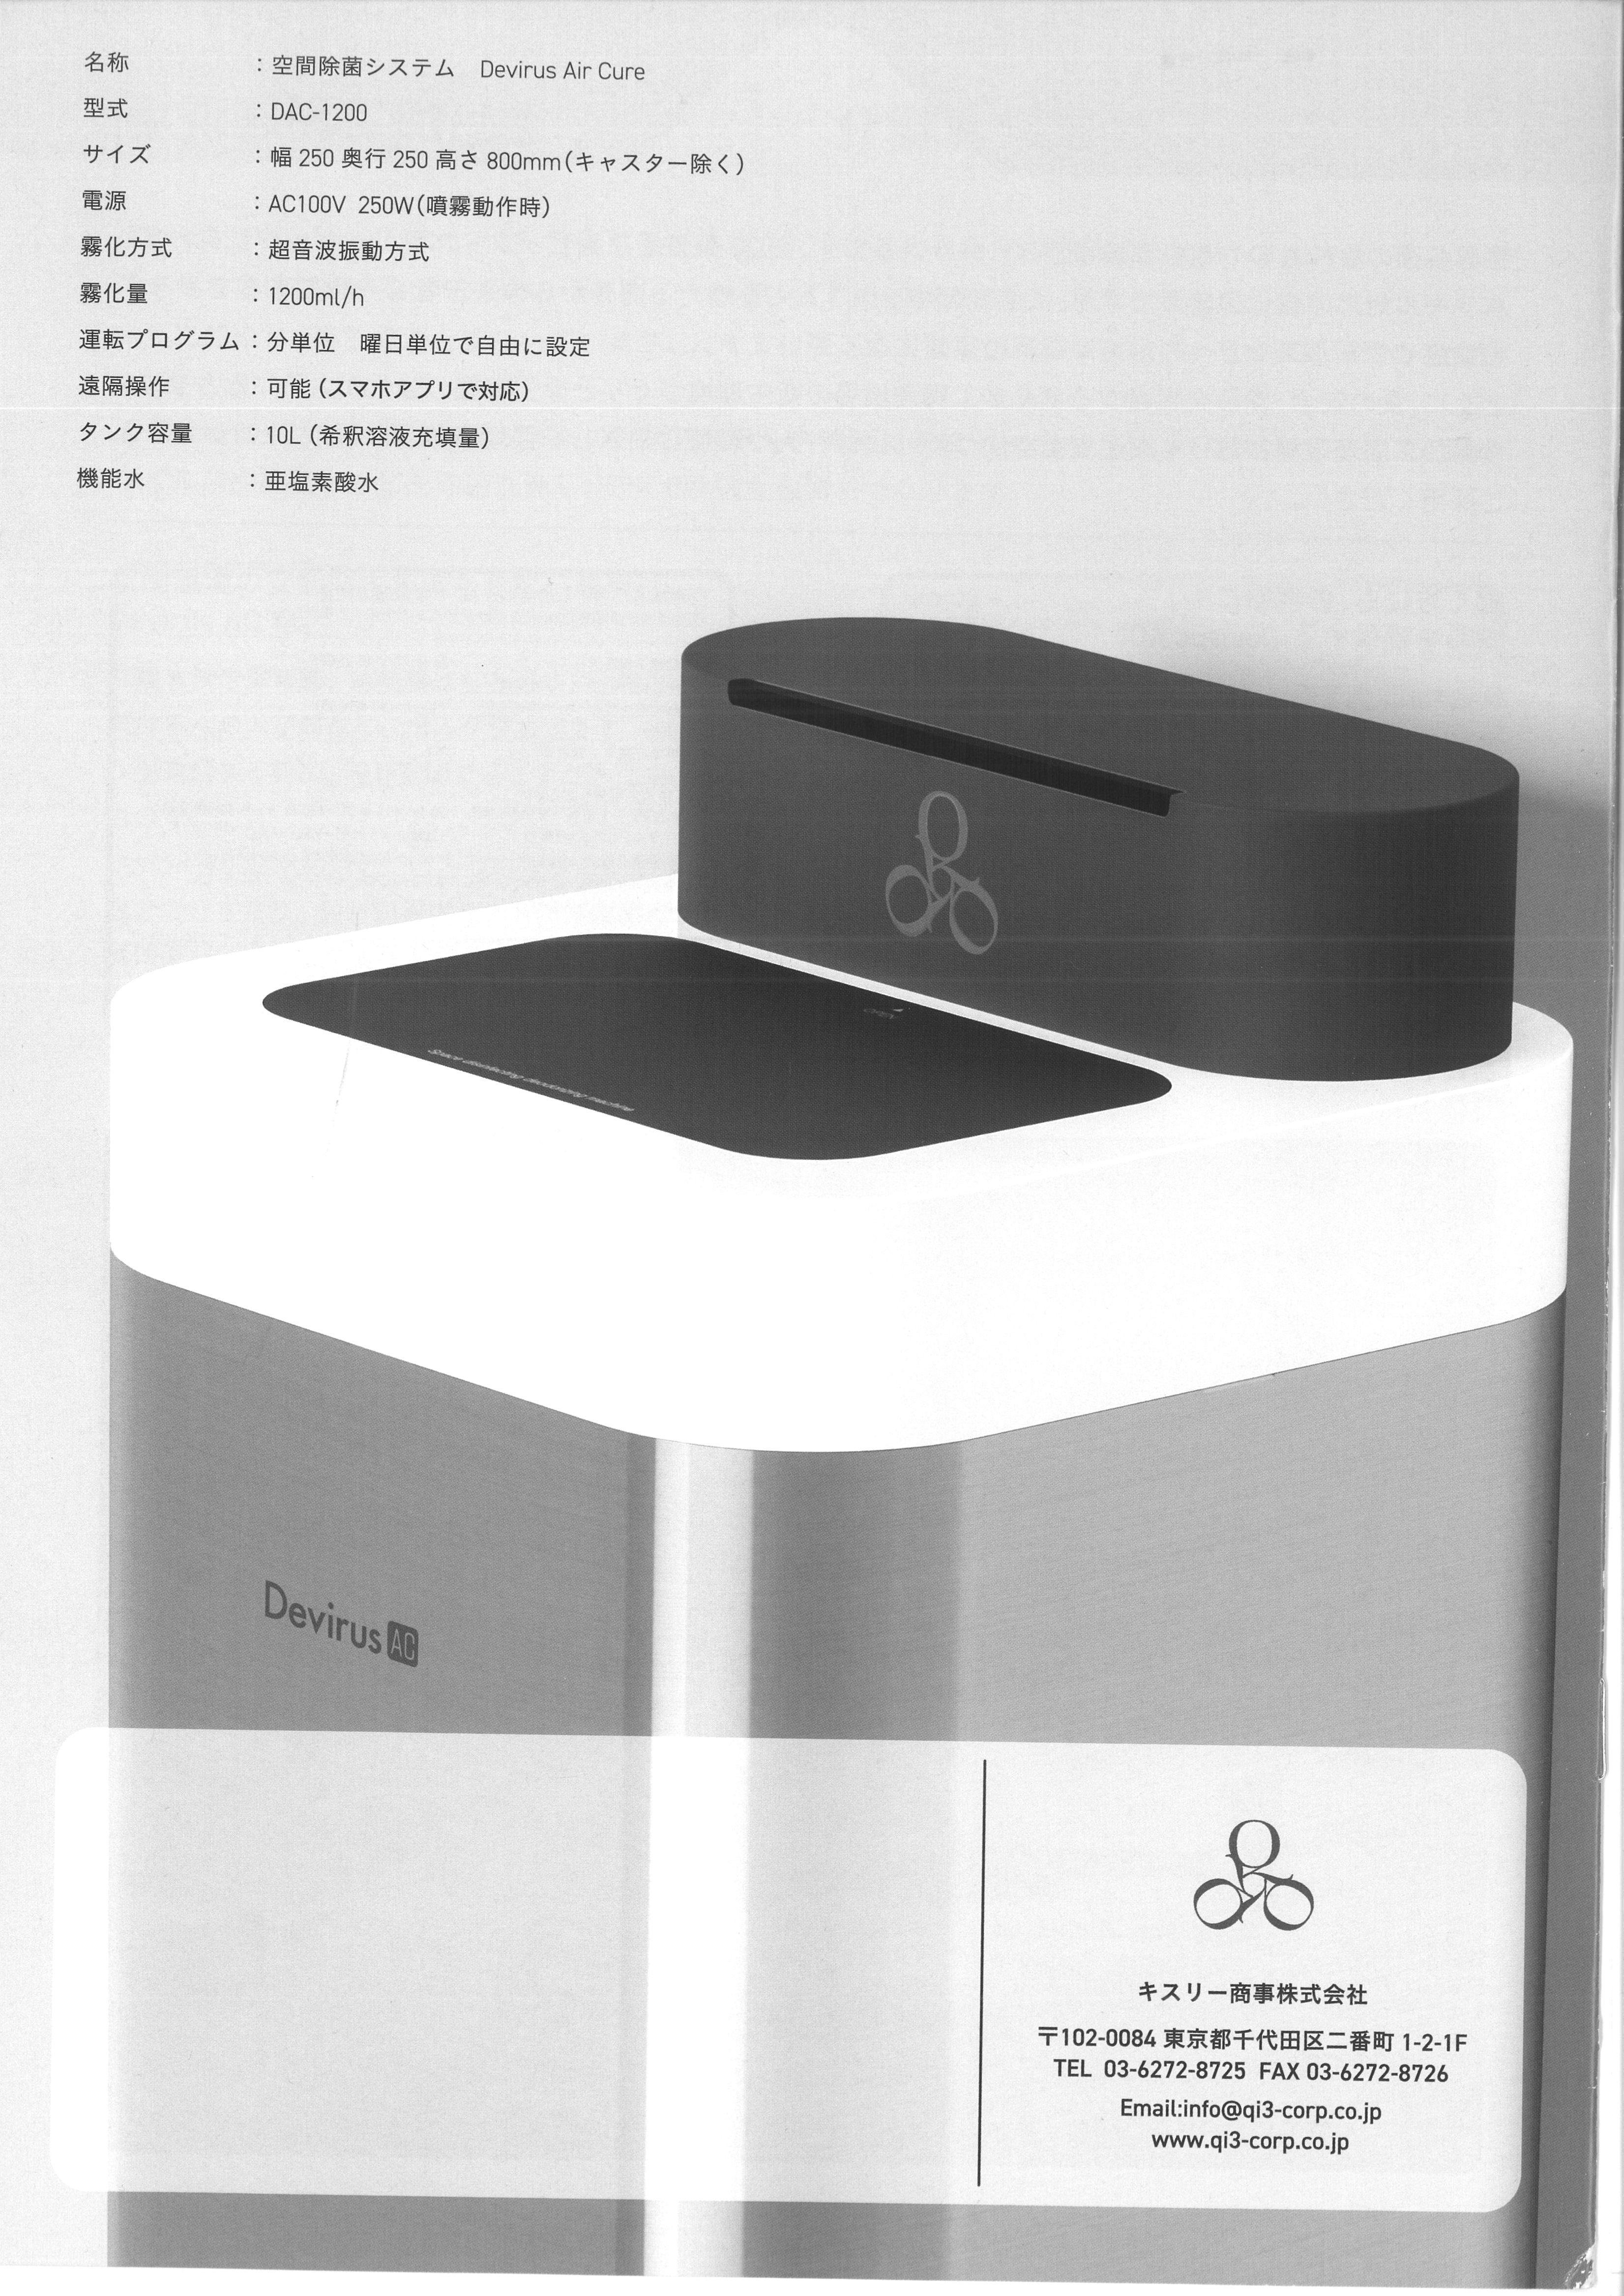 空間除菌デバイス「DevirusAC」